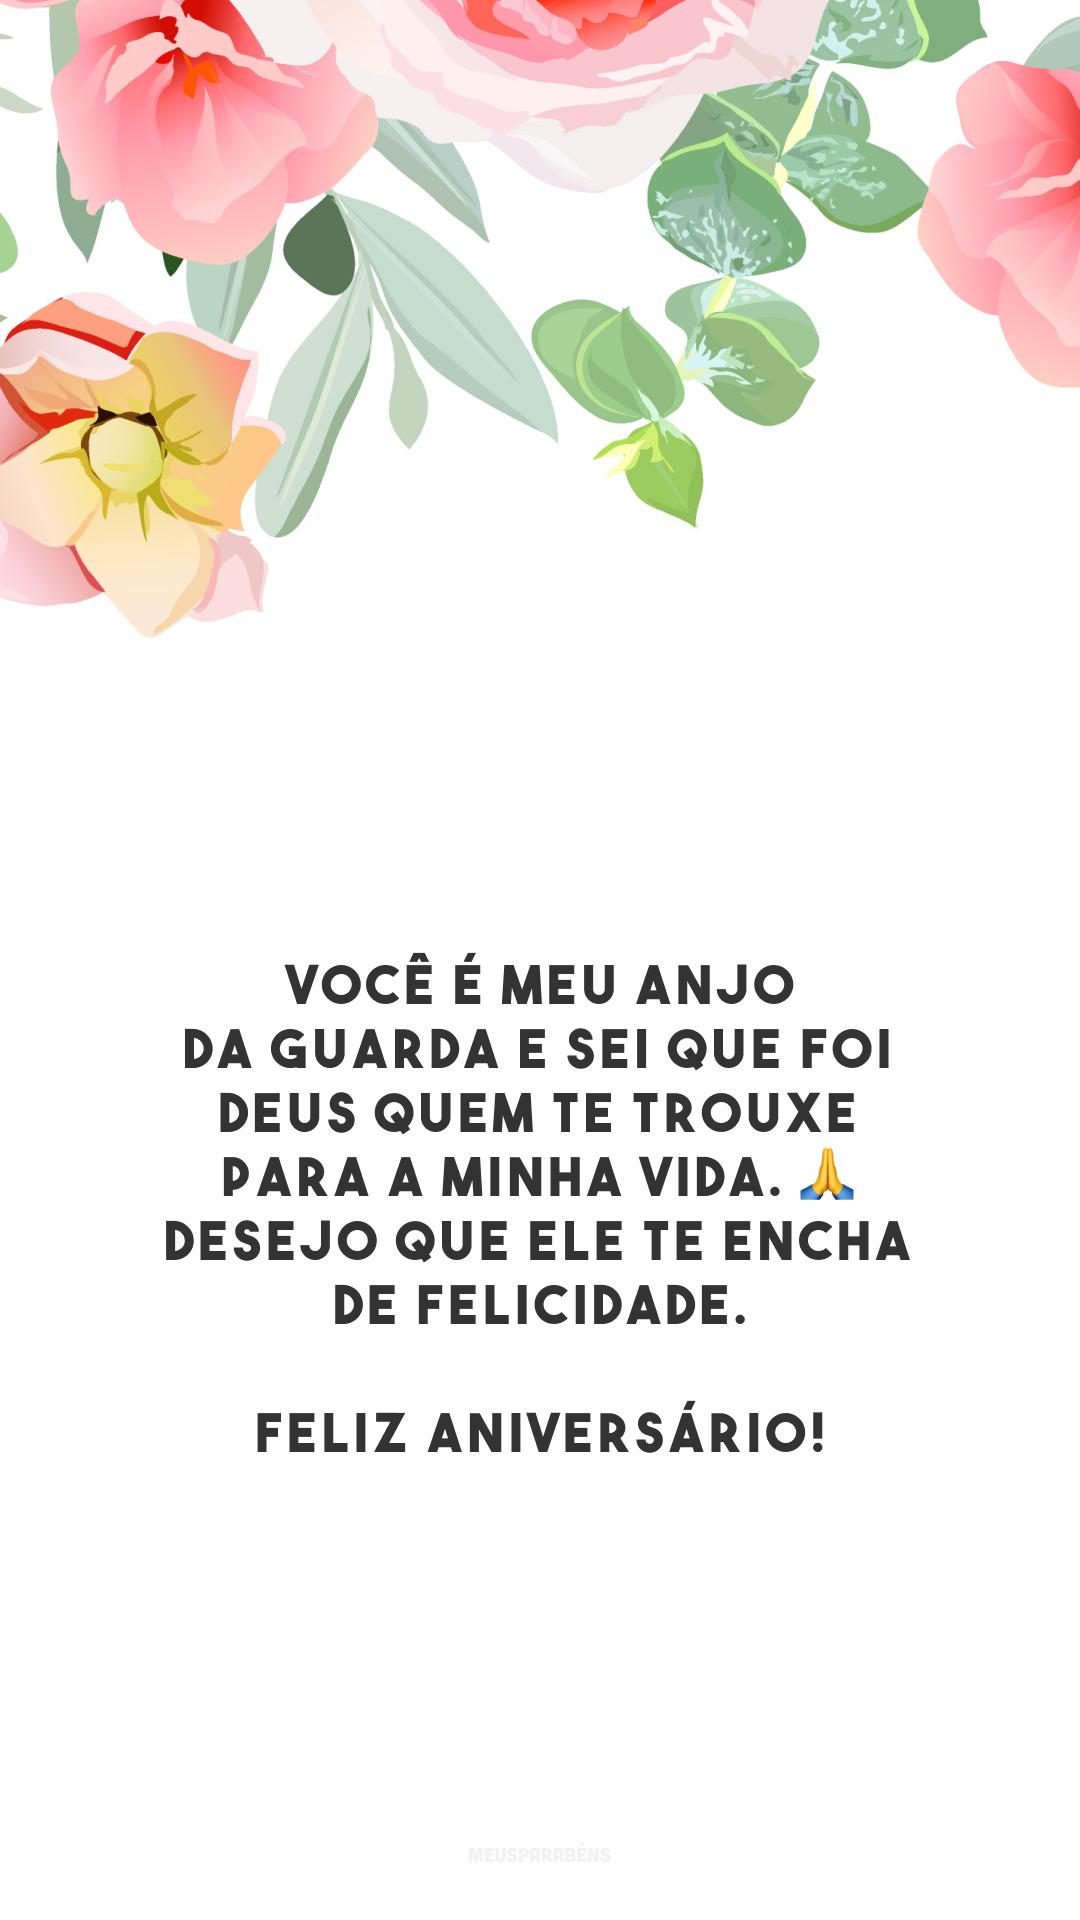 Você é meu anjo da guarda e sei que foi Deus quem te trouxe para a minha vida. 🙏 Desejo que Ele te encha de felicidade. Feliz aniversário!